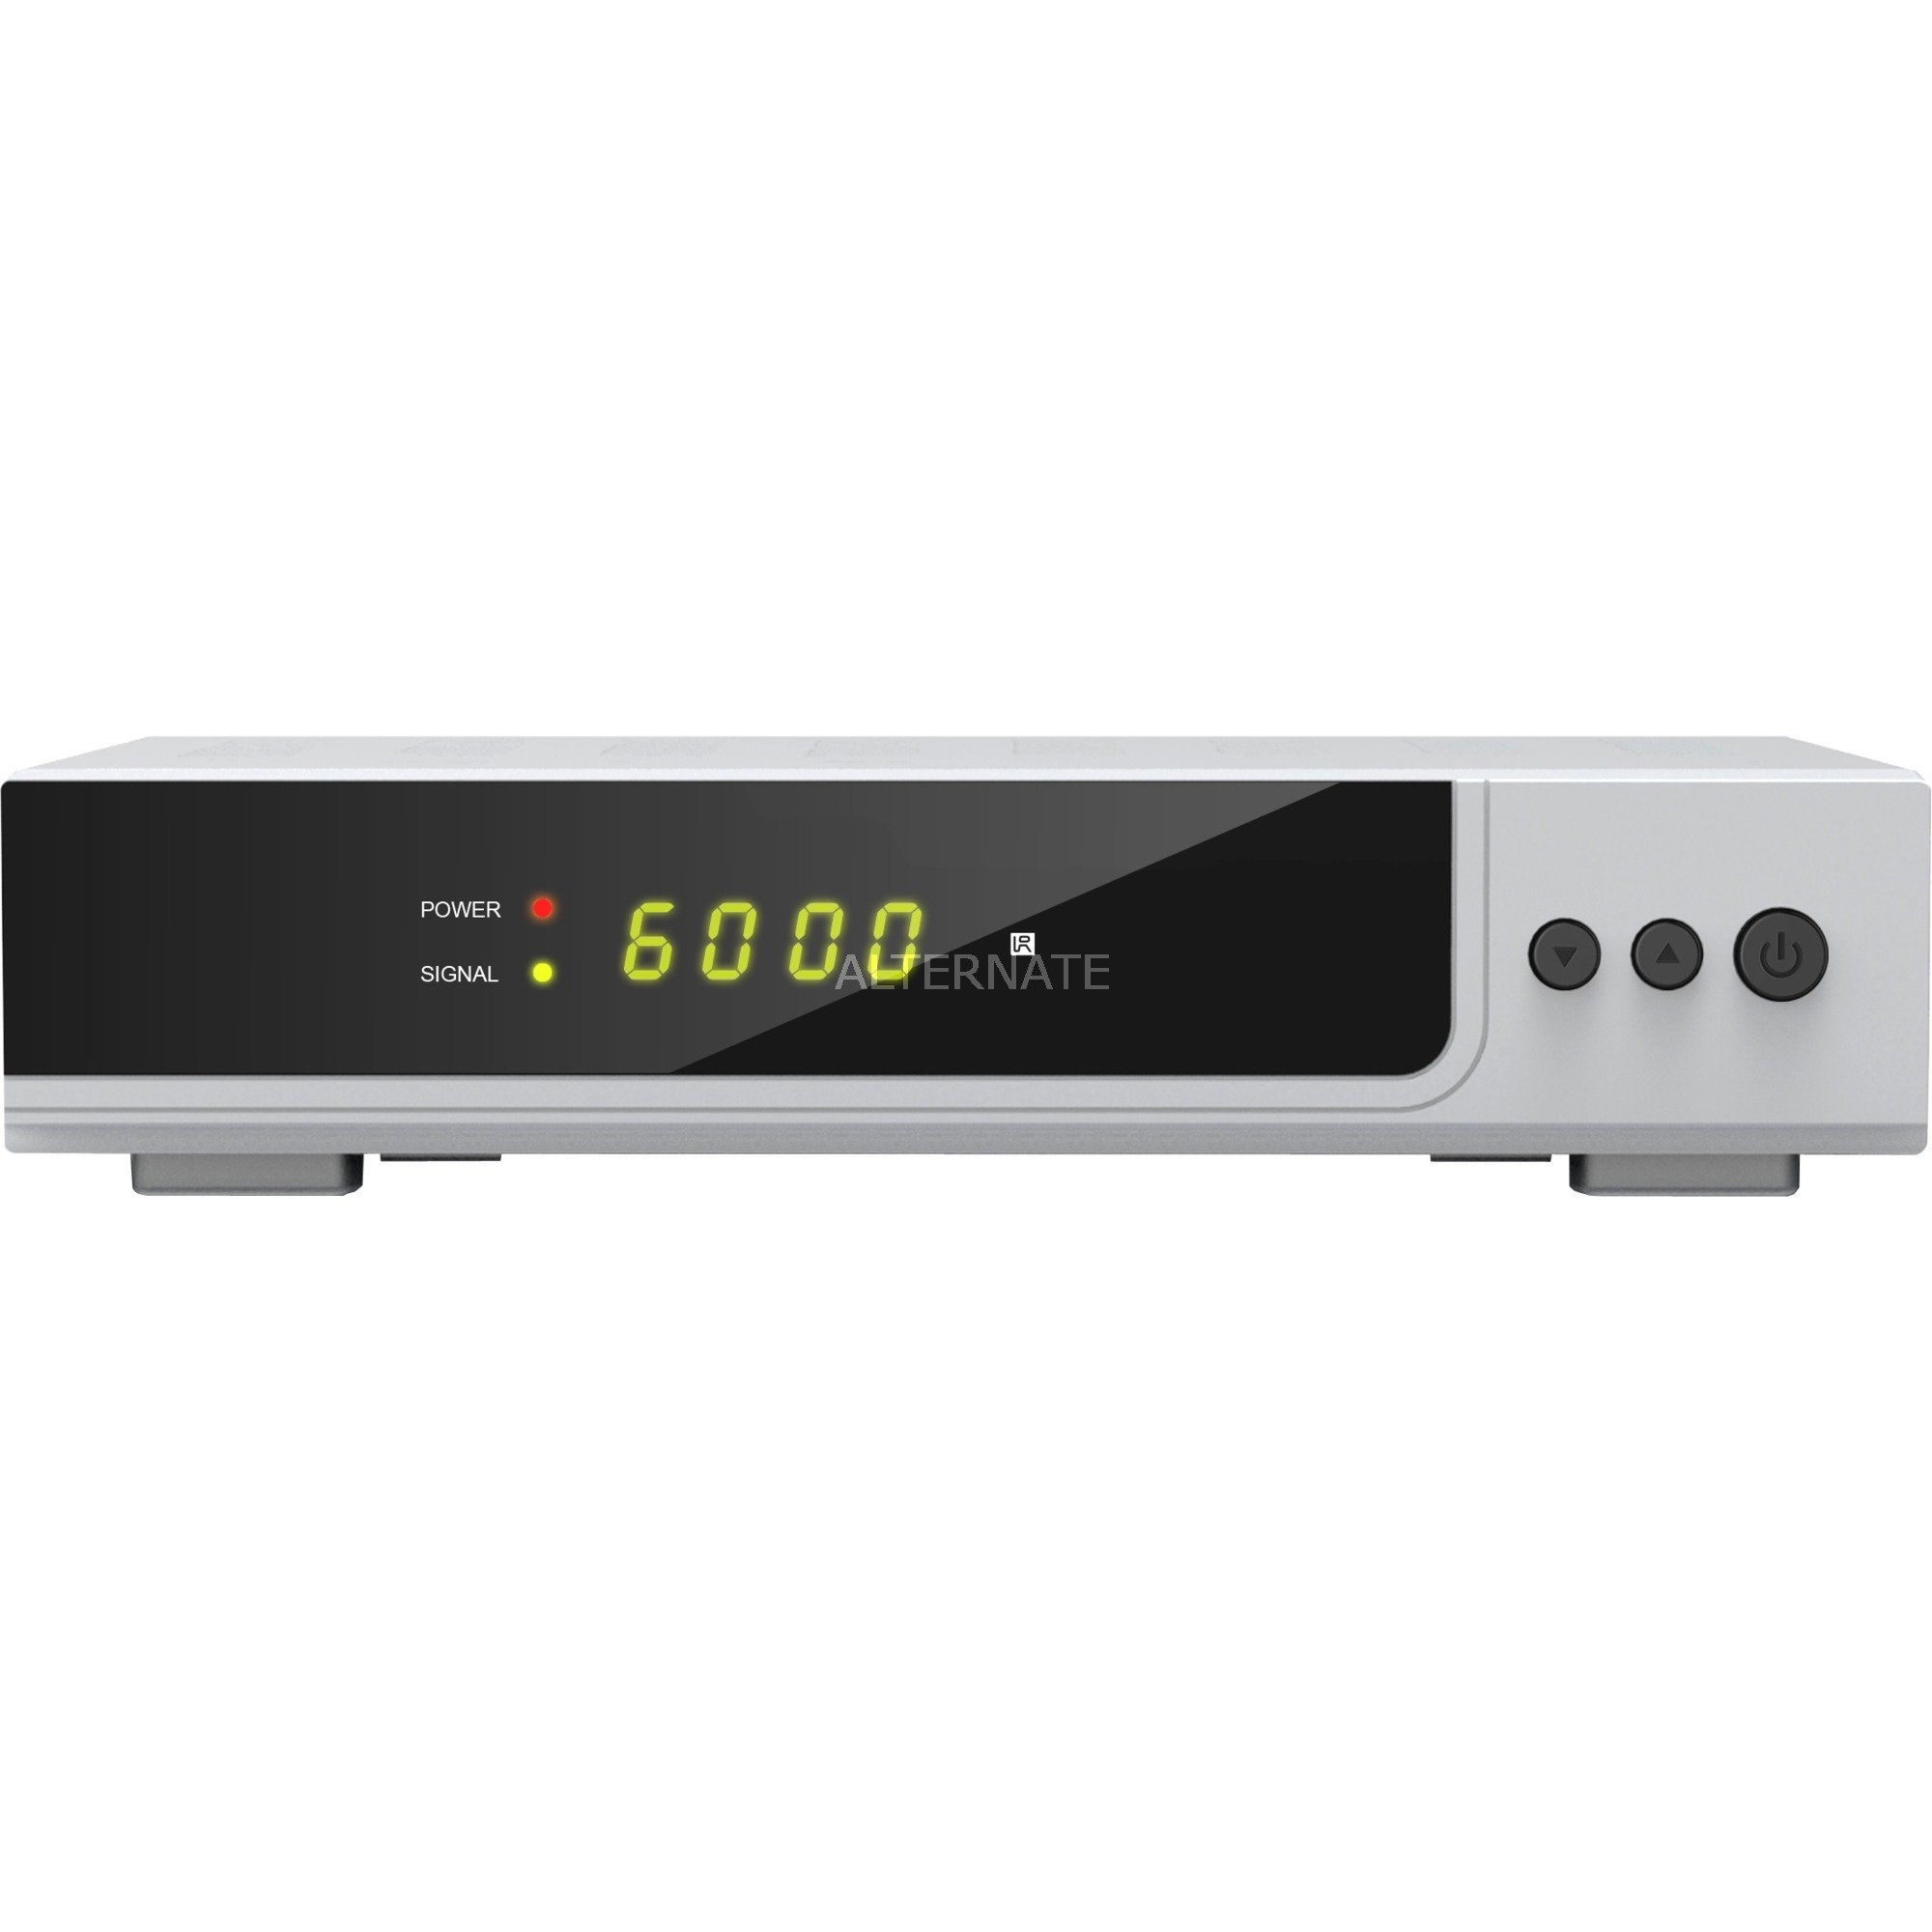 HD X300s Ledning Fuld HD Sølv TV set-top boks, Satellit-modtager